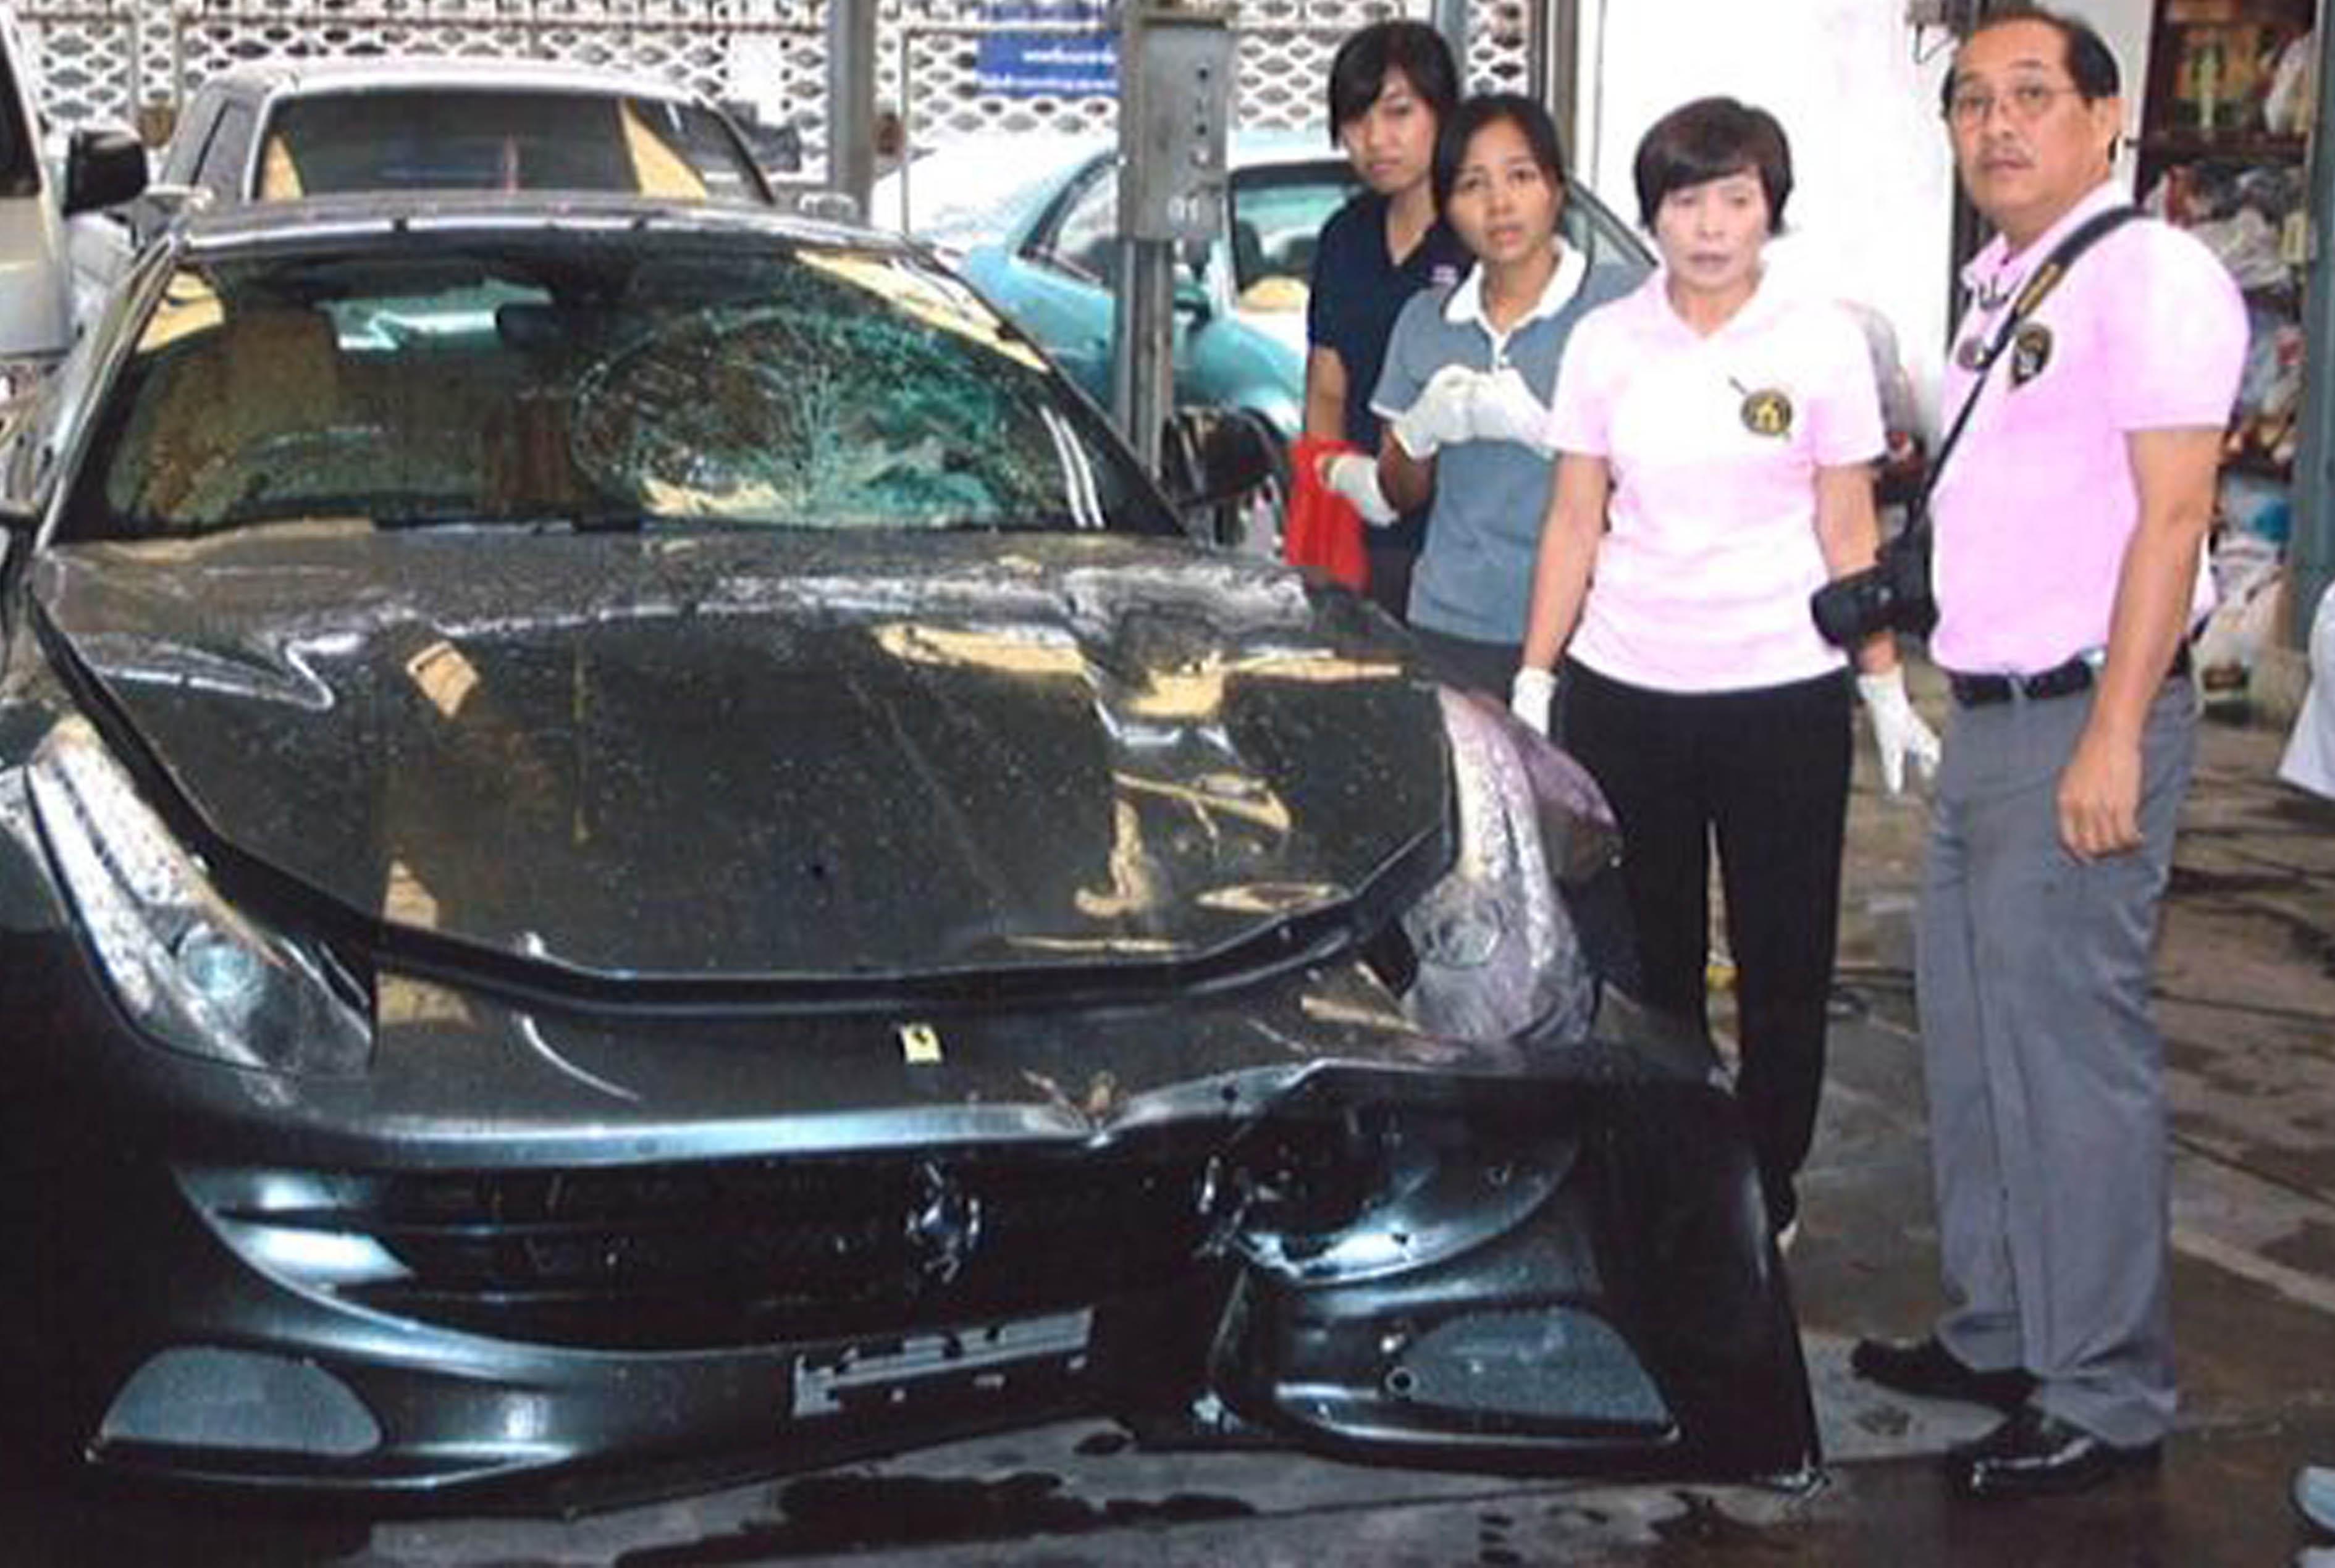 タイの富豪やエリートは罪を問われない〜レッドブルの後継者が起こしたひき逃げ事件